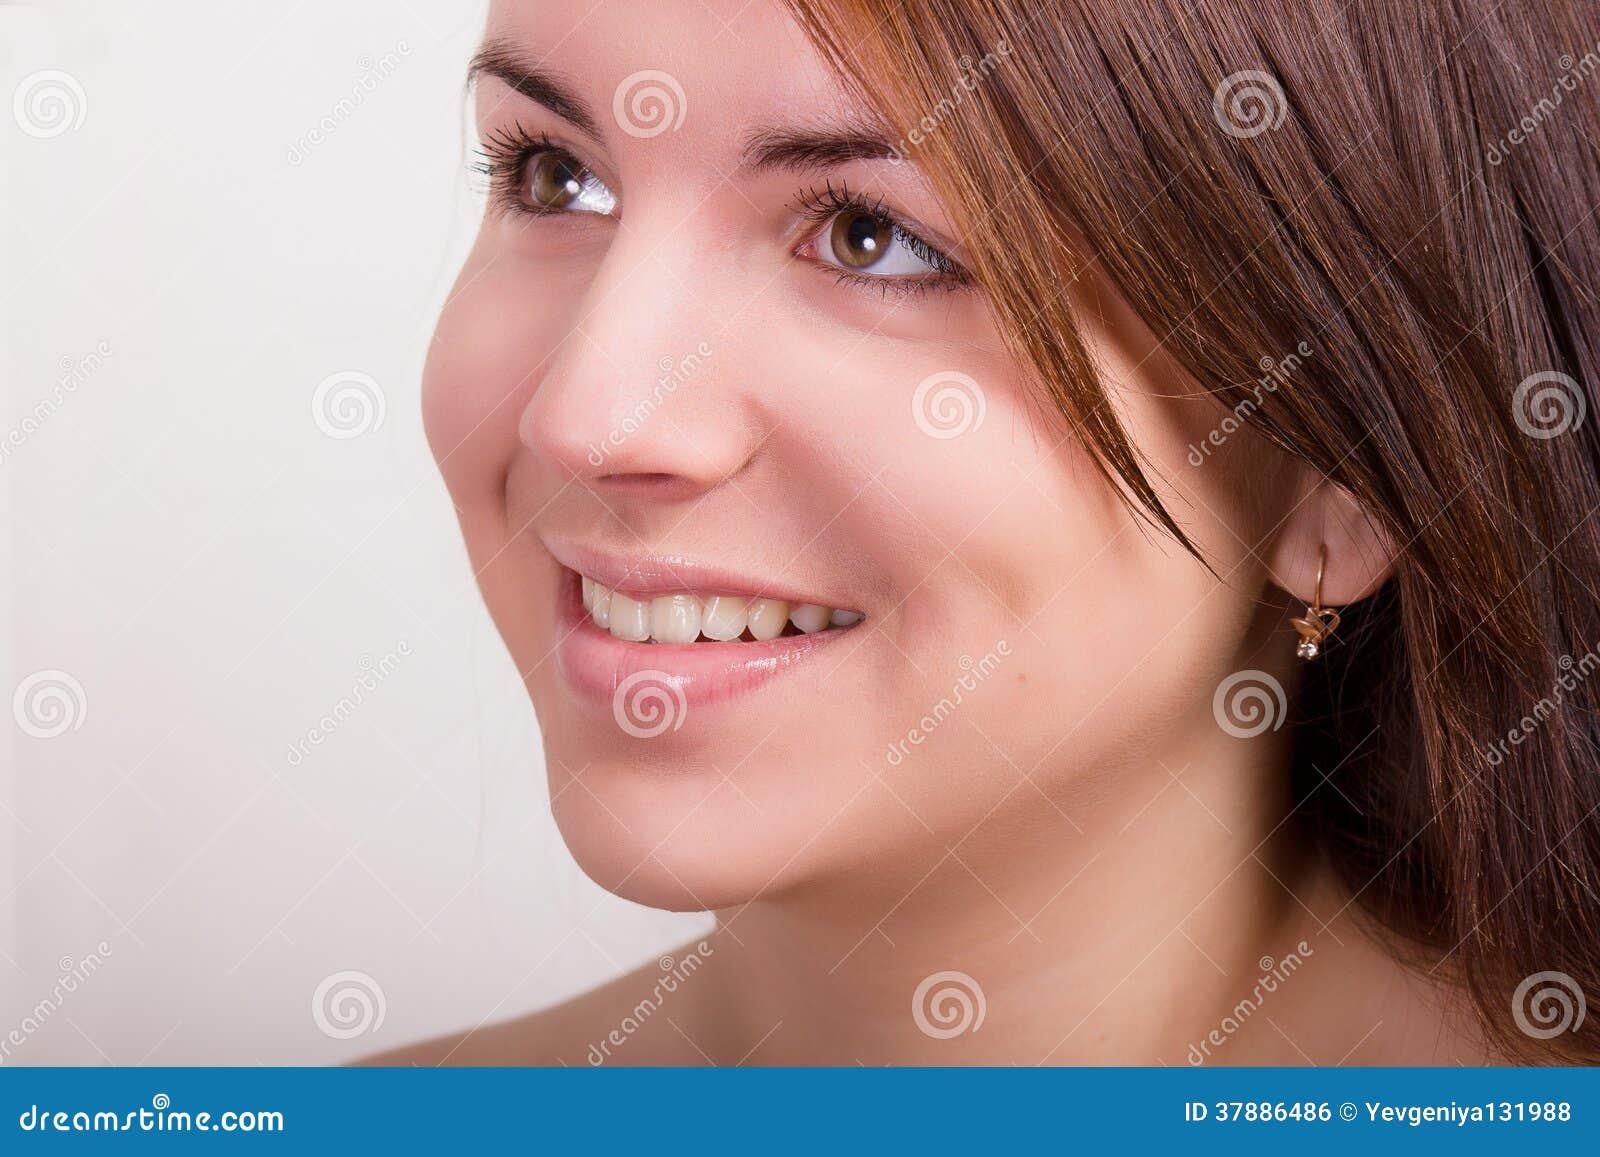 Natuurlijk portret van een mooie jonge vrouw